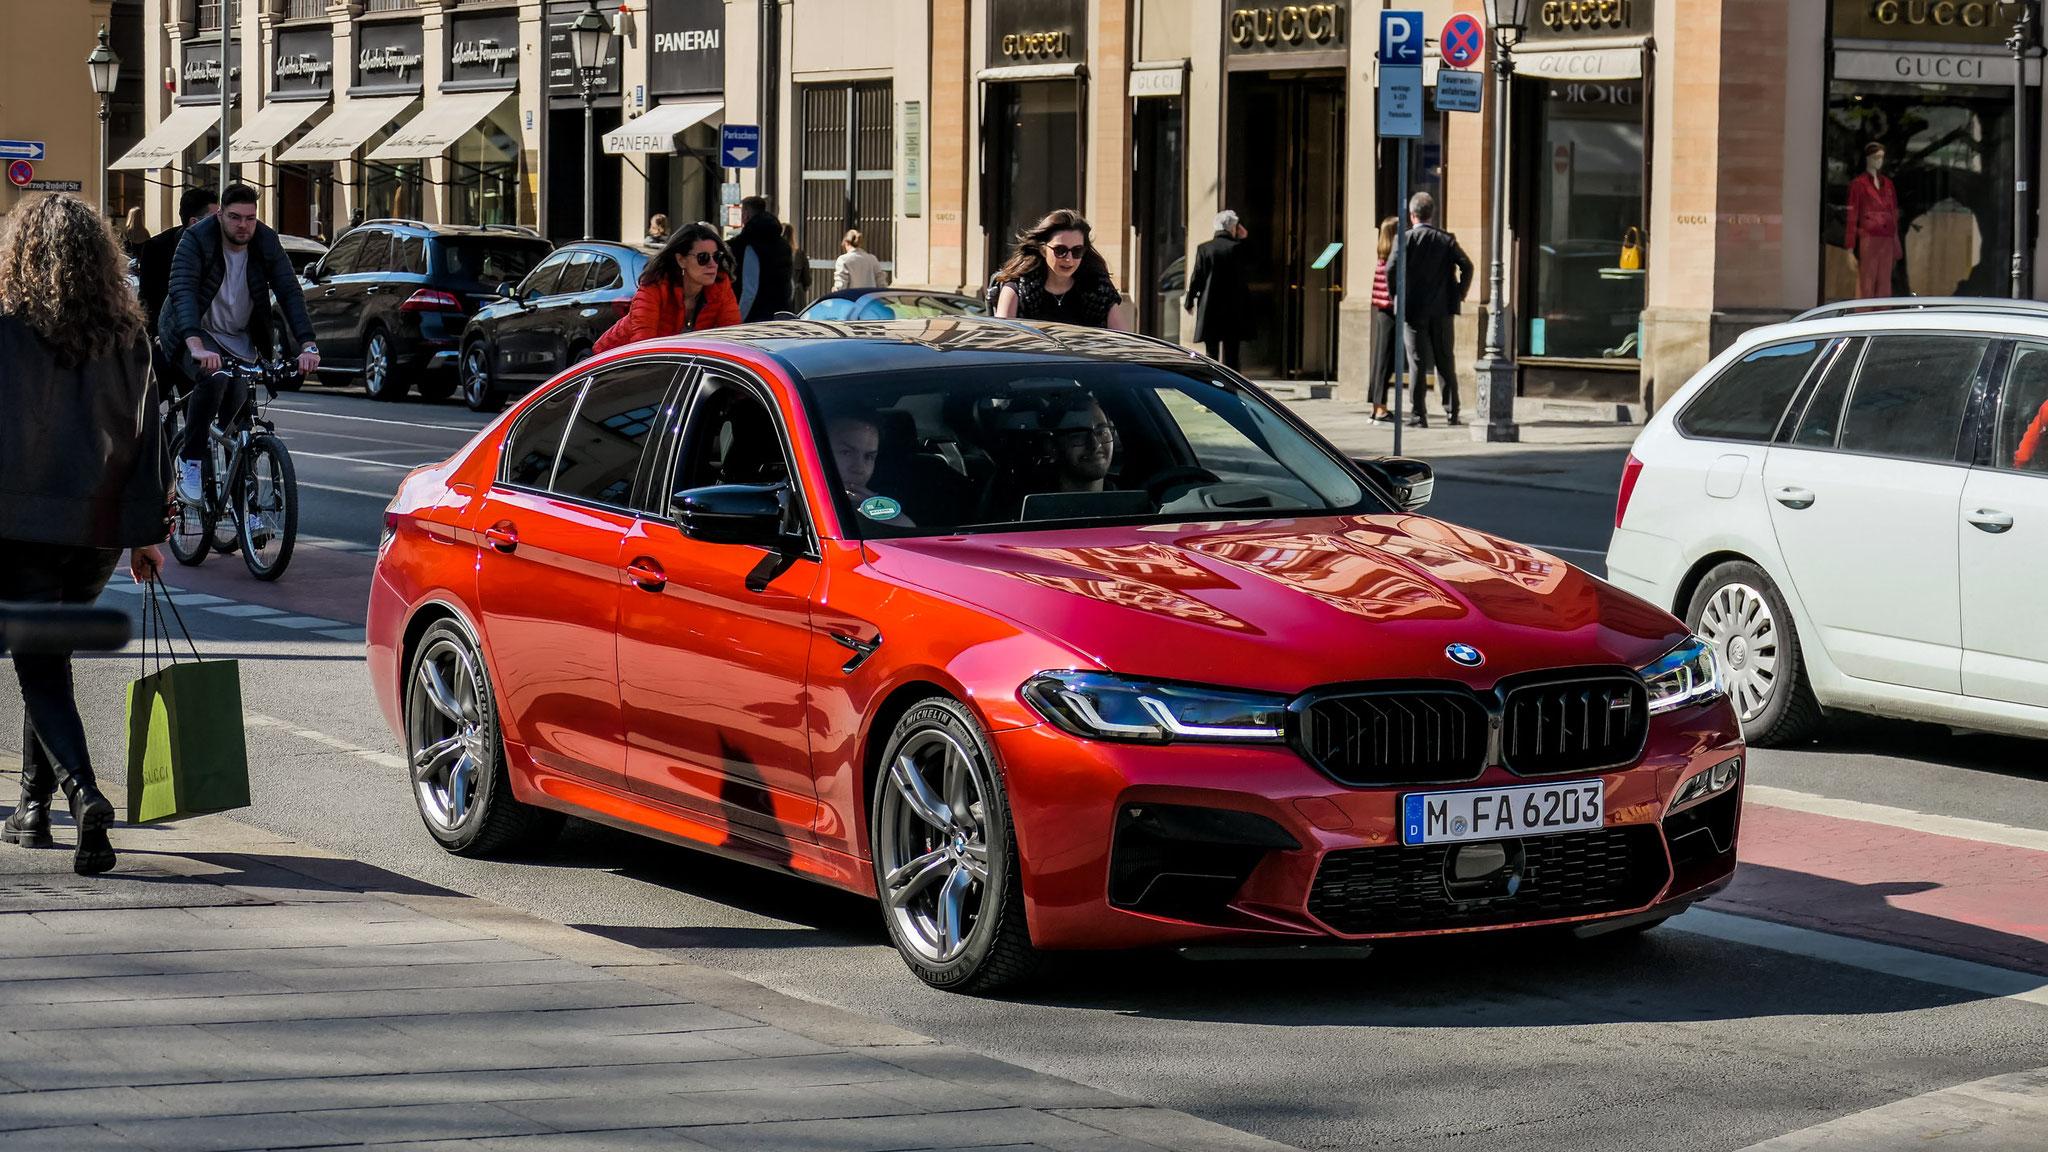 BMW M5 - M-FA-6203